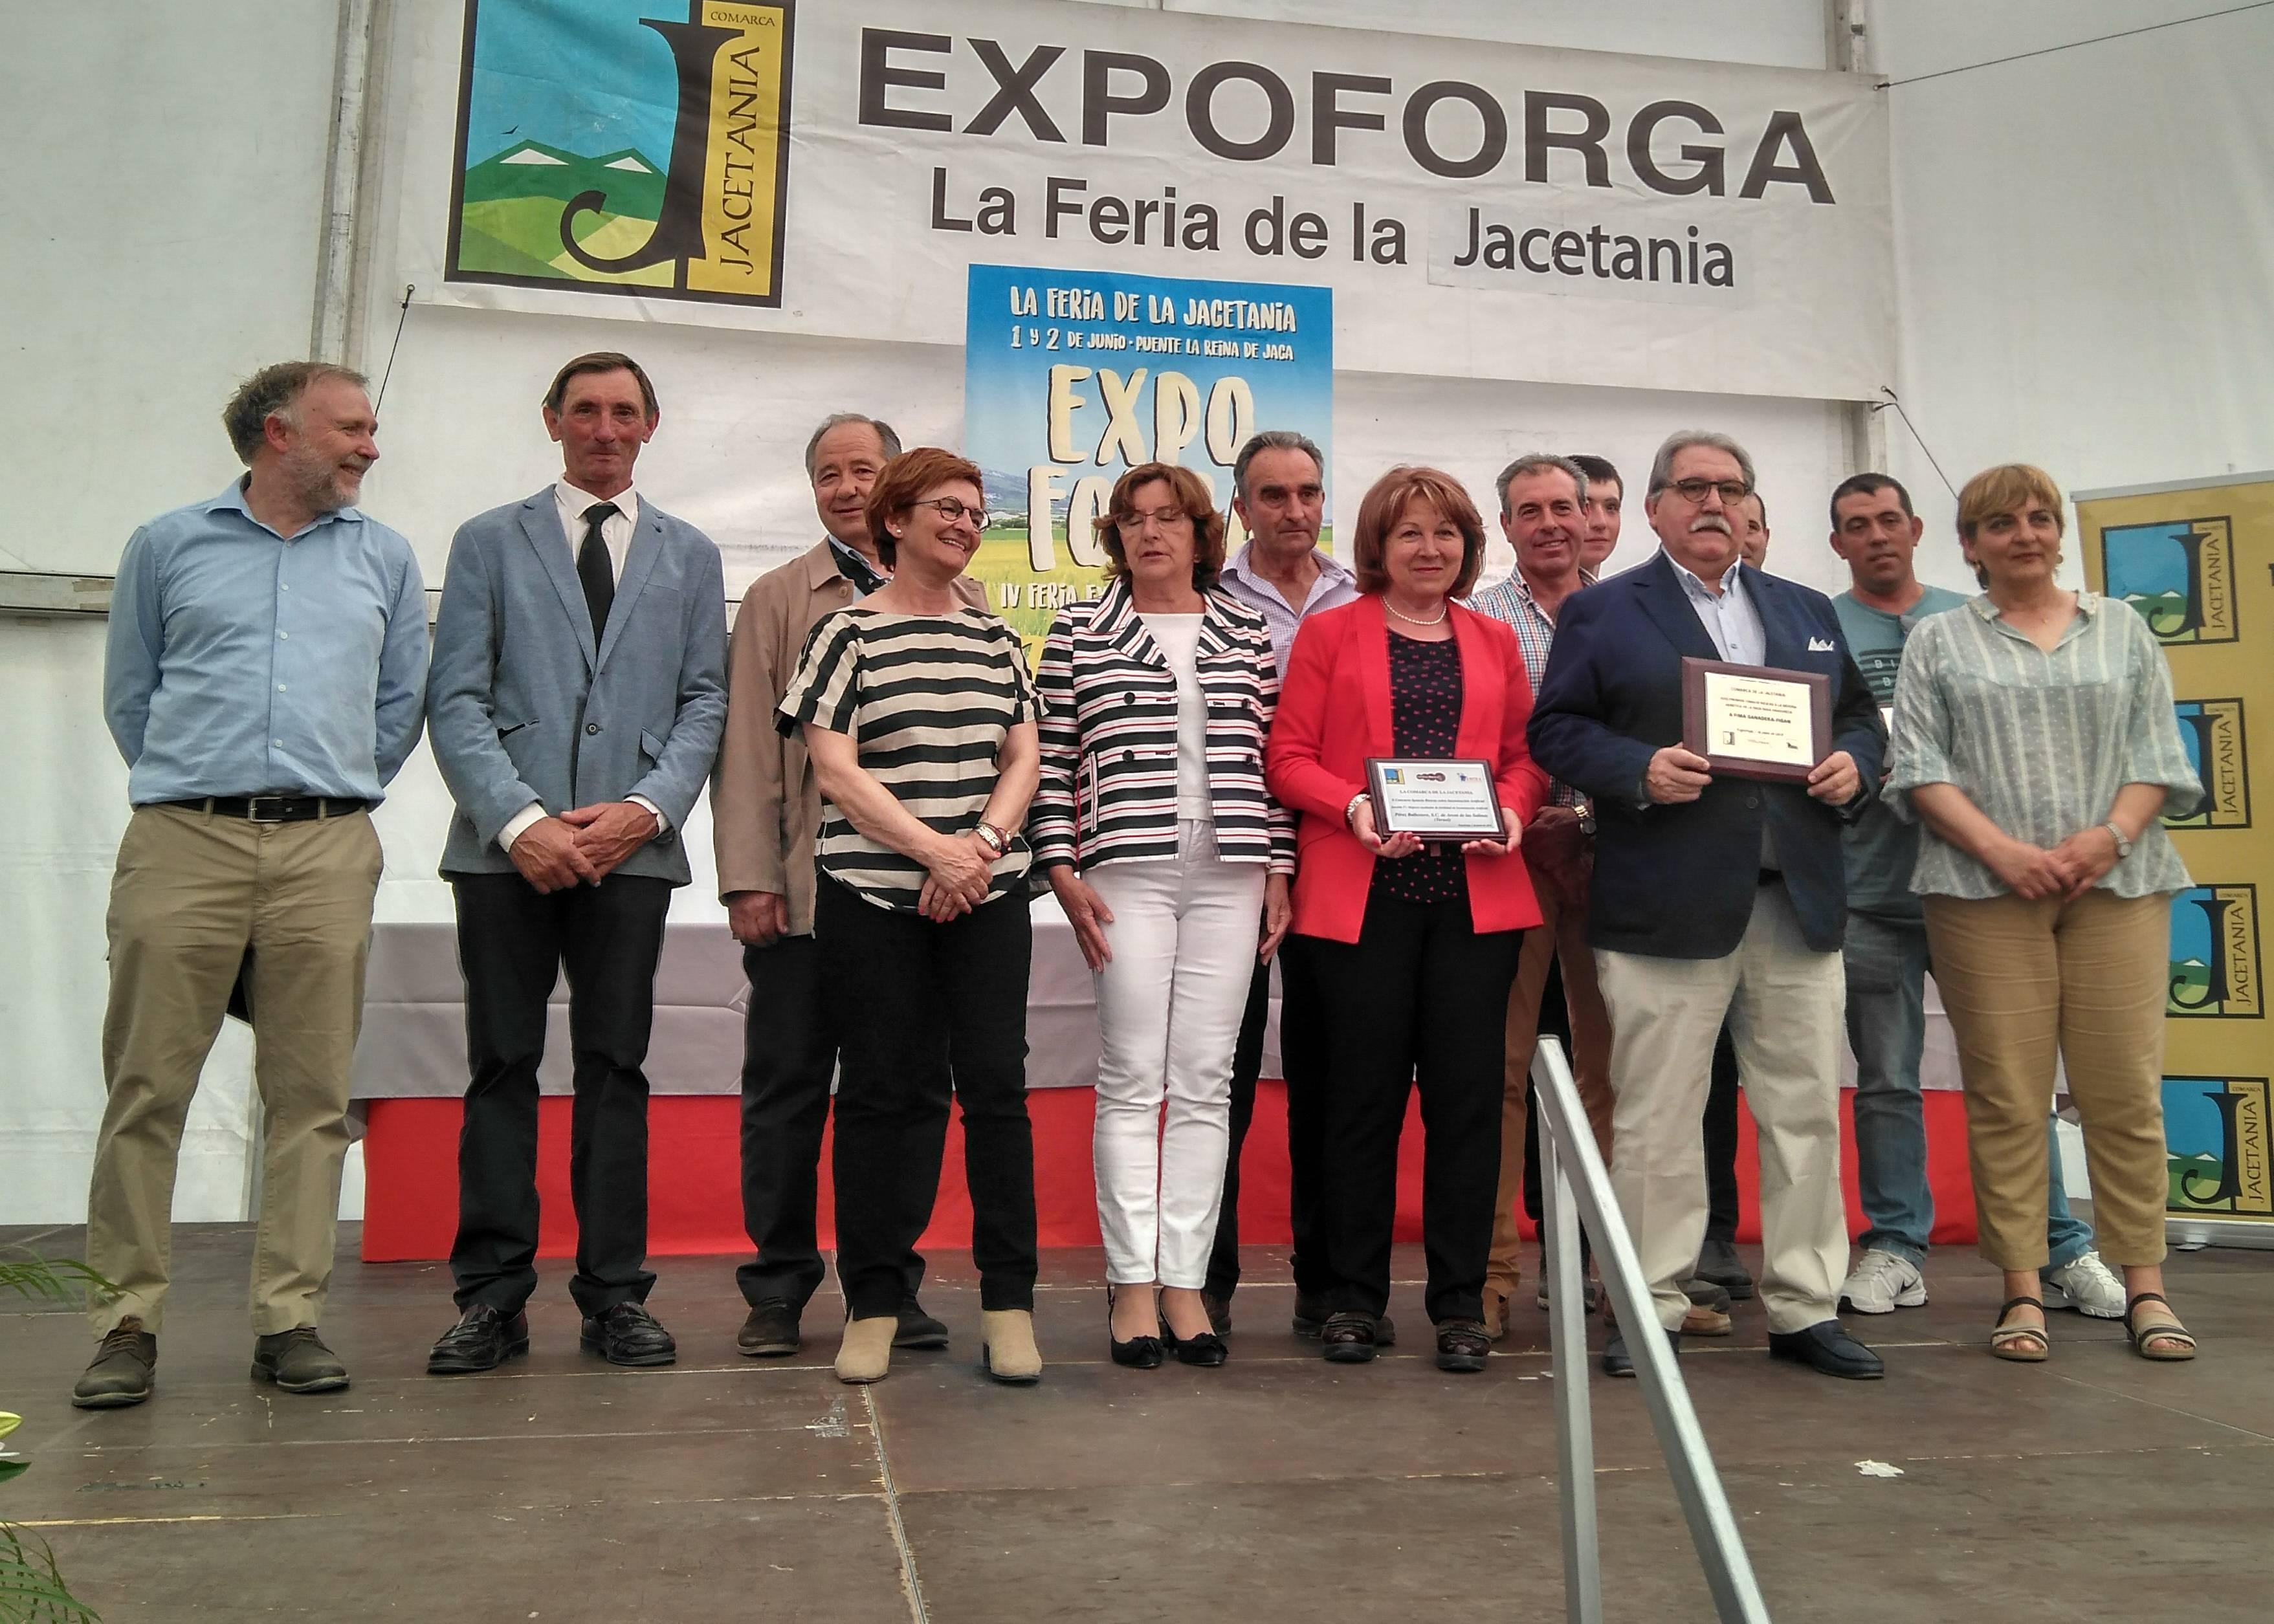 XVIII PREMIOS IGNACIO BIESCAS A LA MEJORA GENÉTICA GALERIA DE FOTOS